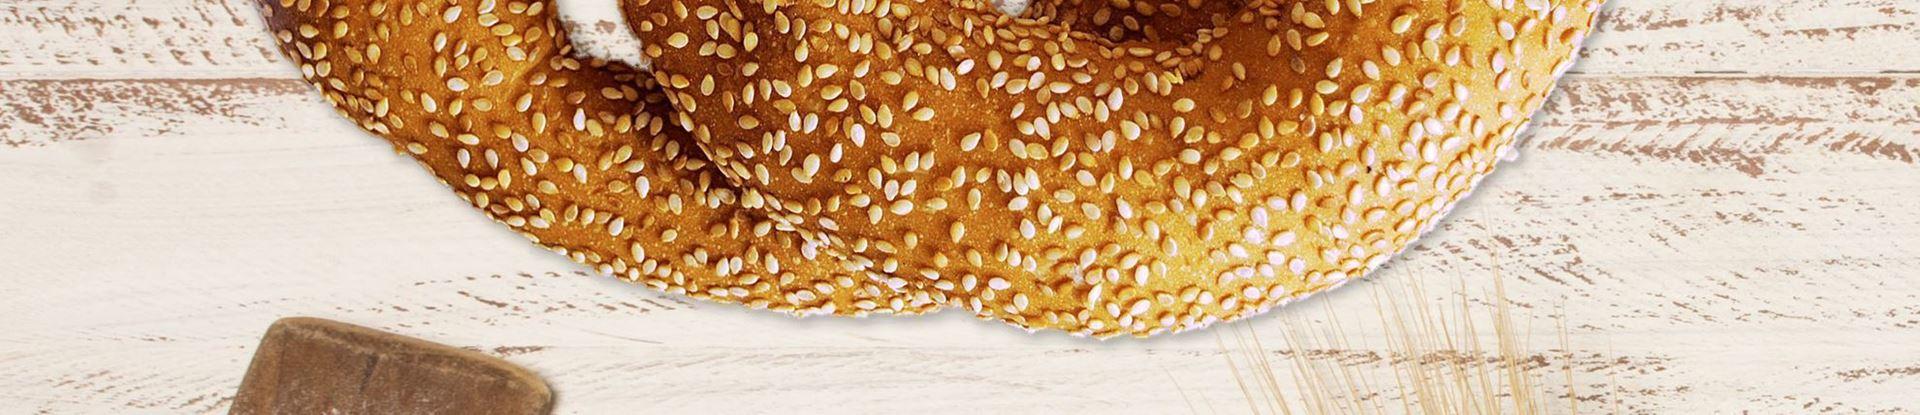 Εικόνα από Κουλούρια Θεσσαλονίκης - Κριτσίνια - Φυτίλια - Φρυγανιές - Ψωμί τοστ